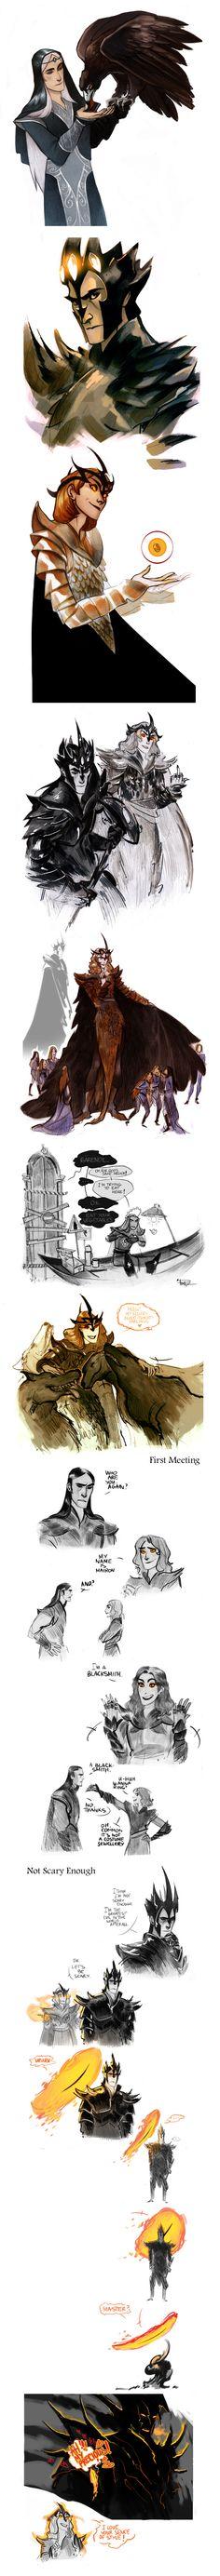 Silmarillion sketchdump by Phobs.deviantart.com HAHAHAHAHA Earendil XD XD XD